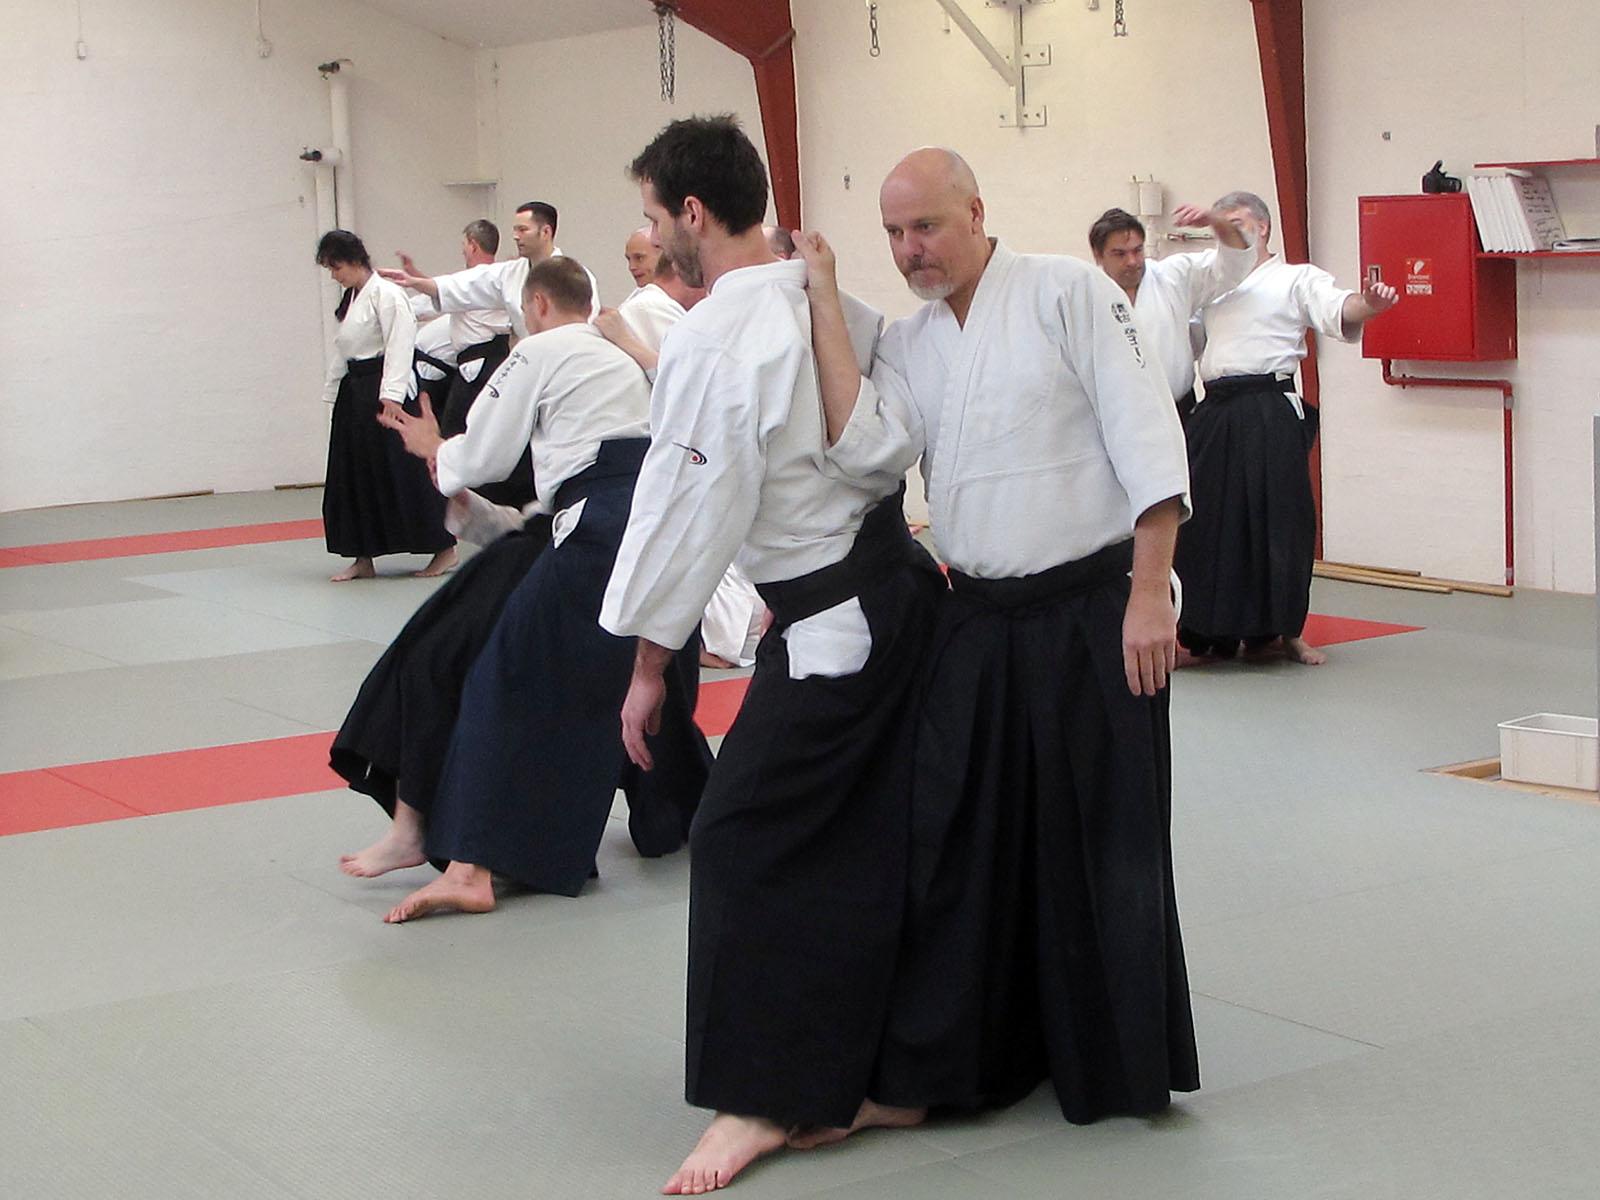 Aalborg-Aikido-seminar-2014-43